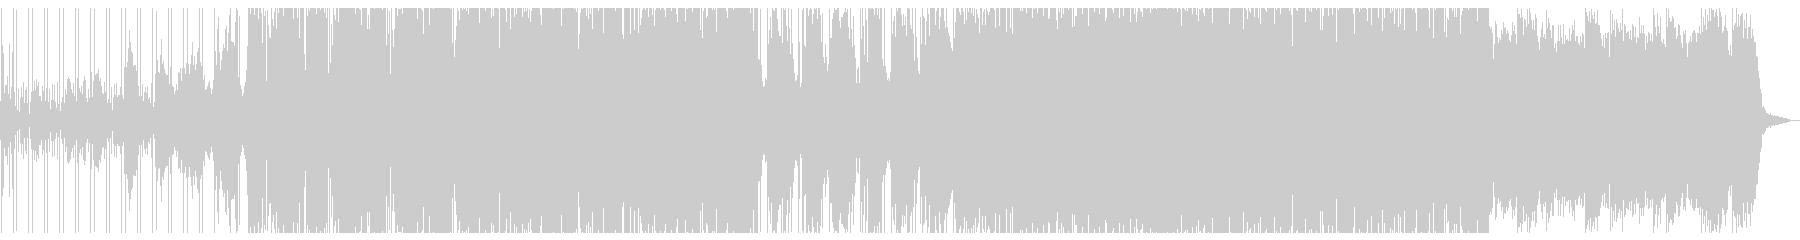 しっとりとしたハーフタイムドラムンベースの未再生の波形